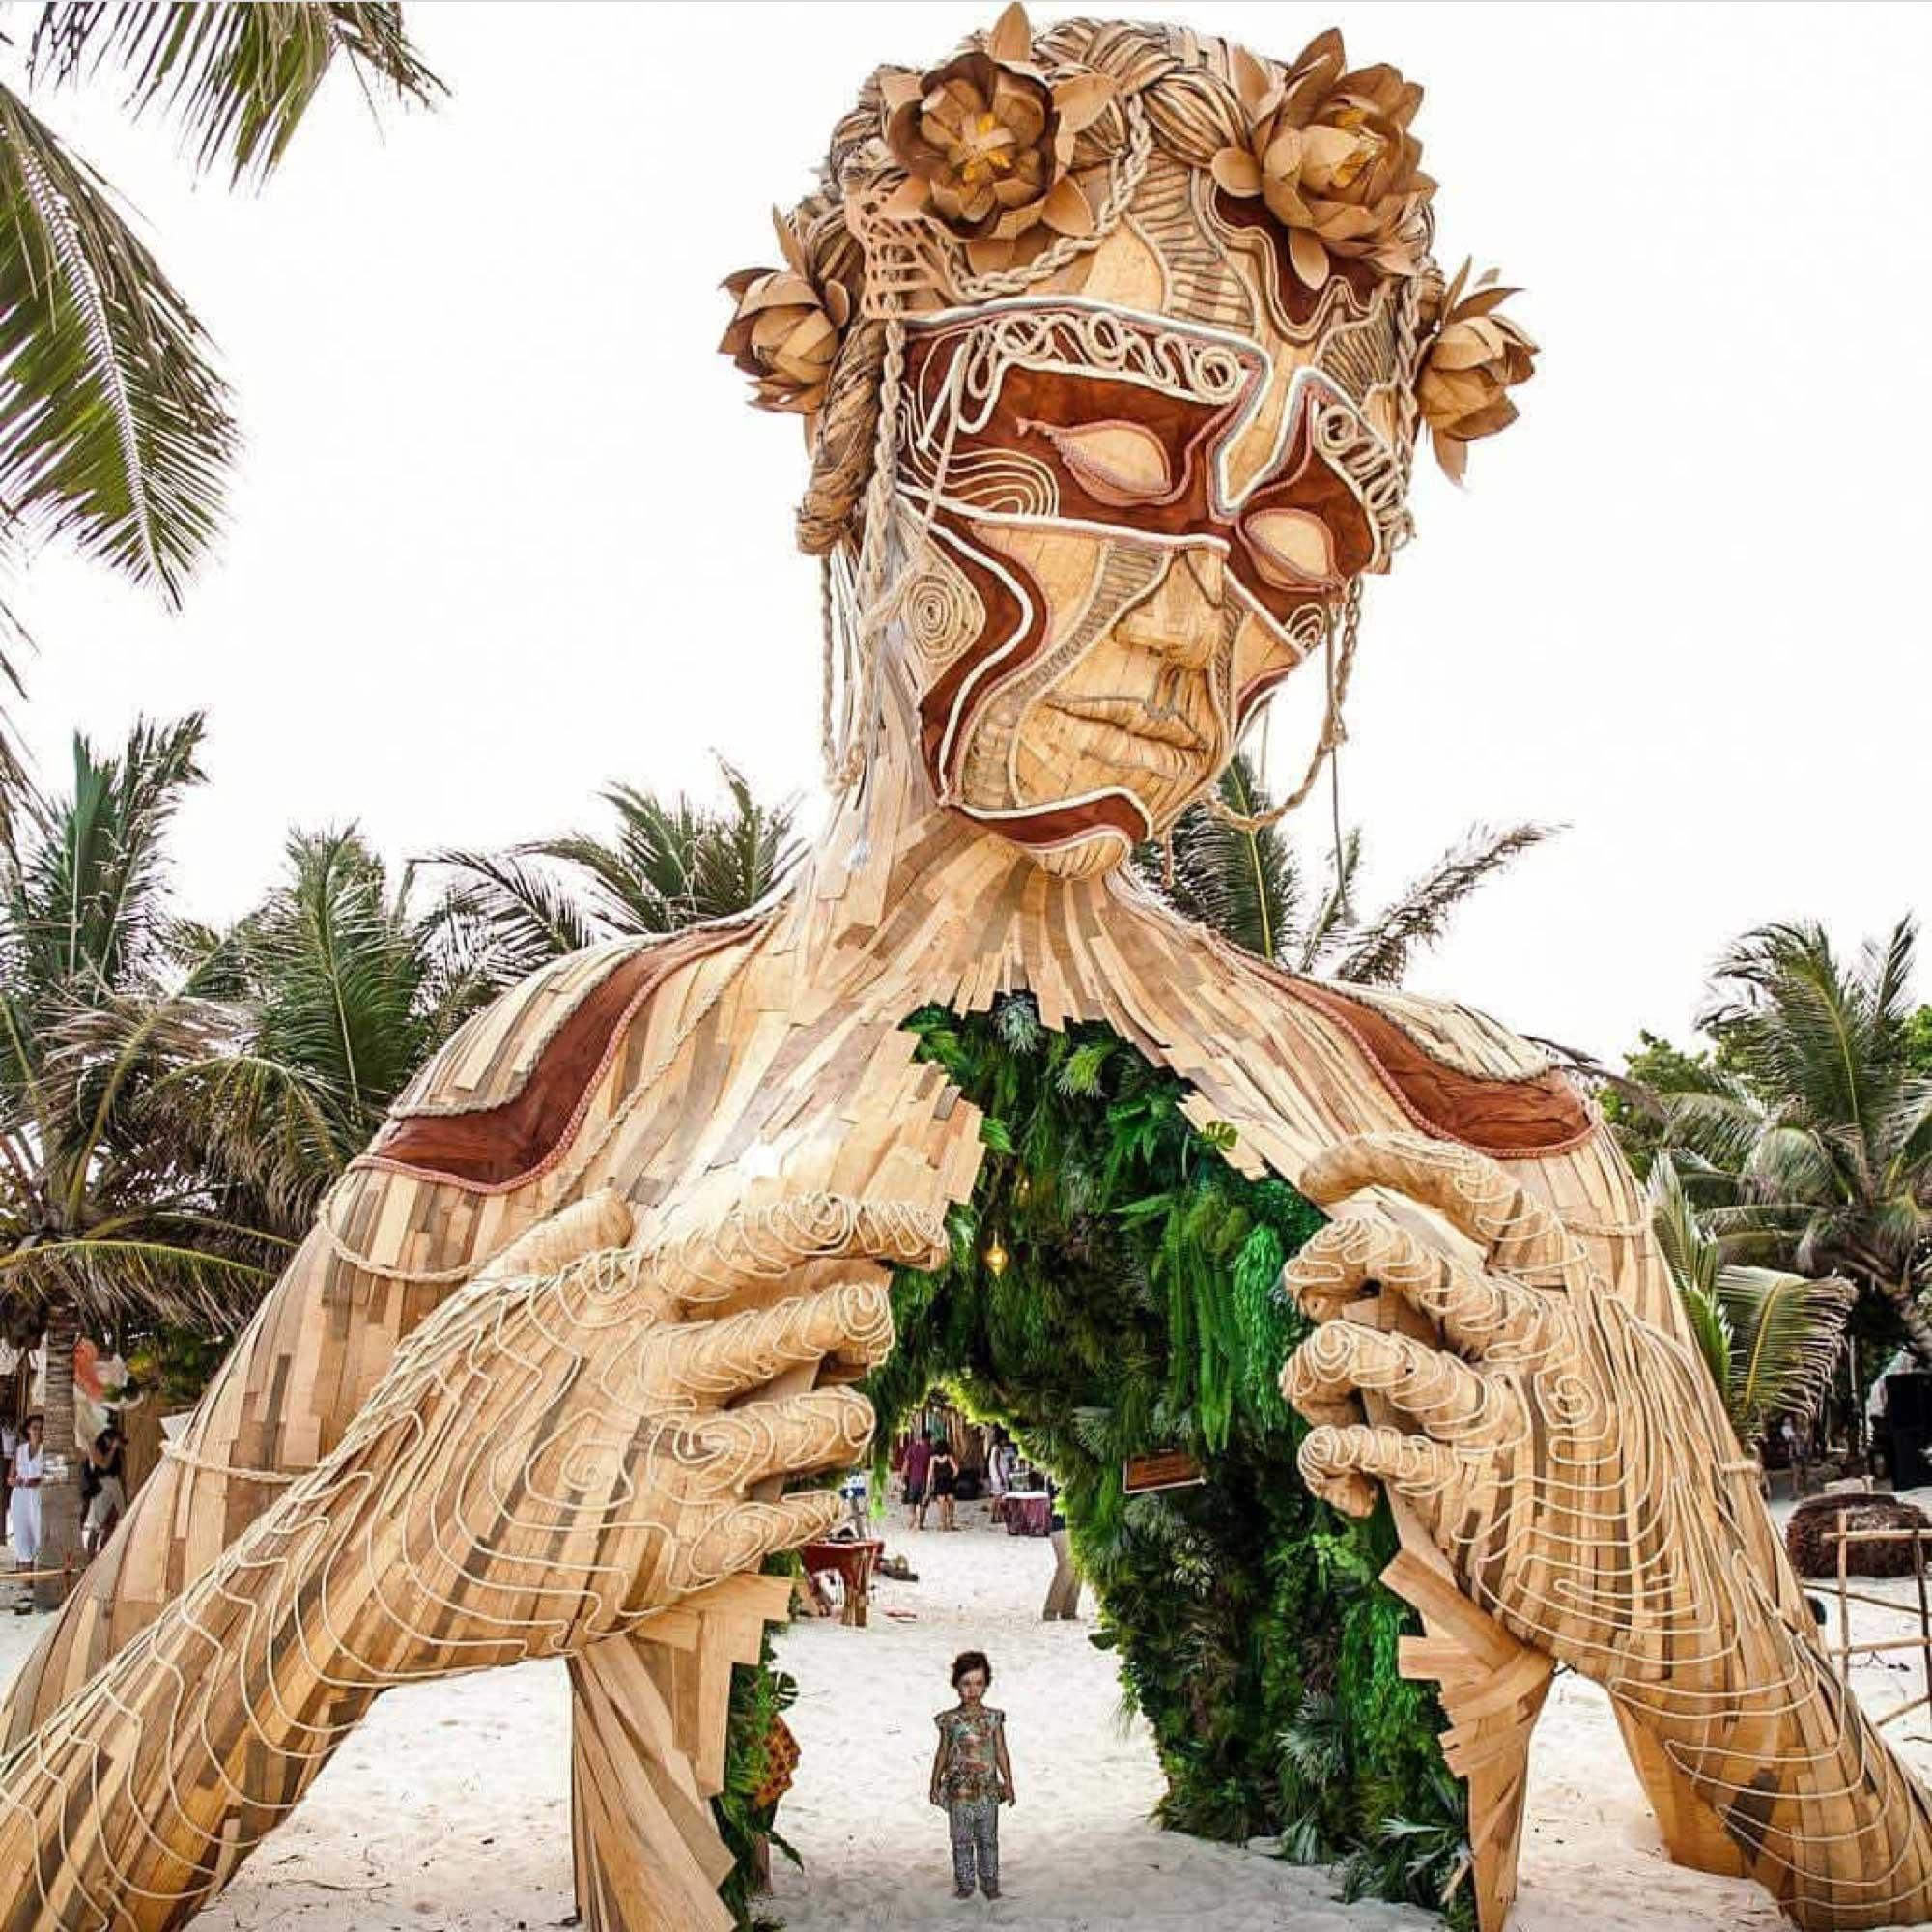 Gigantische Holzskulptur zum Durchschreiten Daniel-Popper-ven-a-la-luz_05